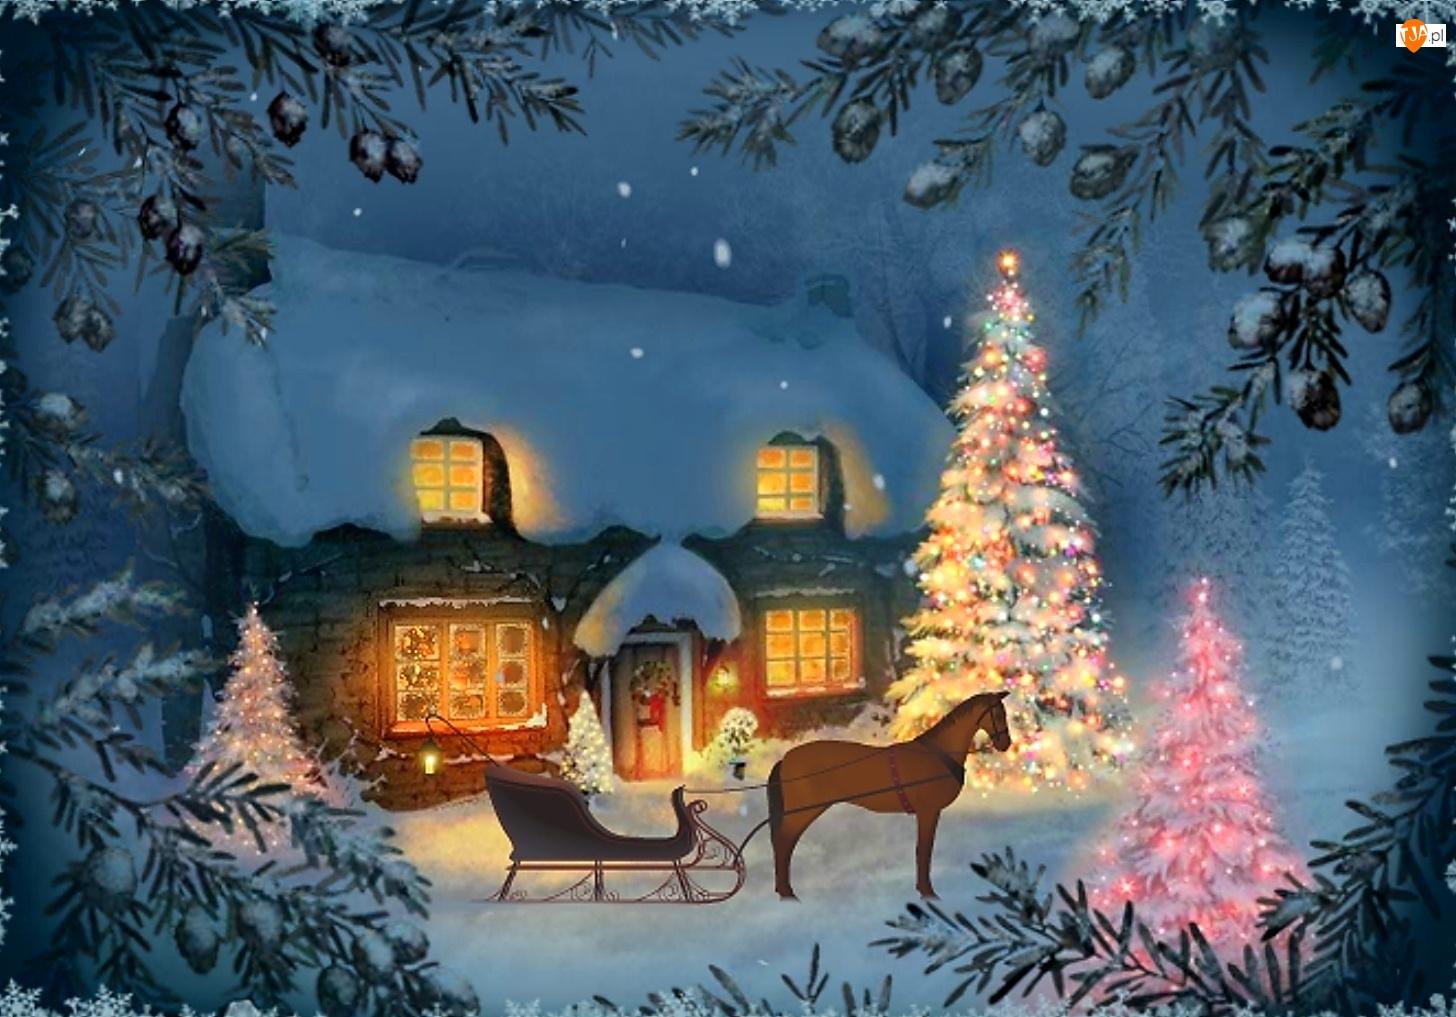 Sanie, Narodzenie, Dom, Malarstwo, Choinka, Boże